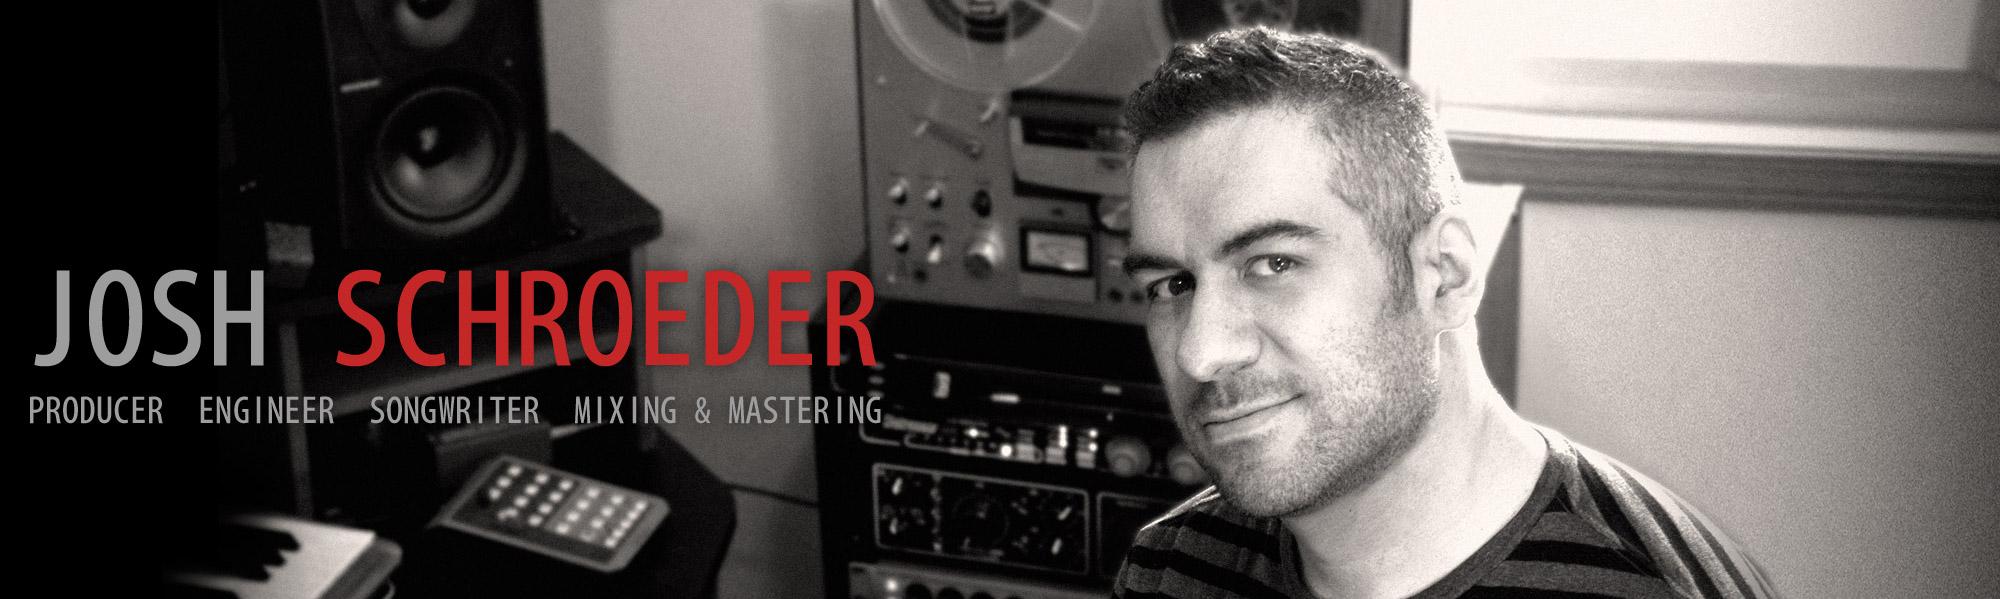 Josh Schroeder portrait